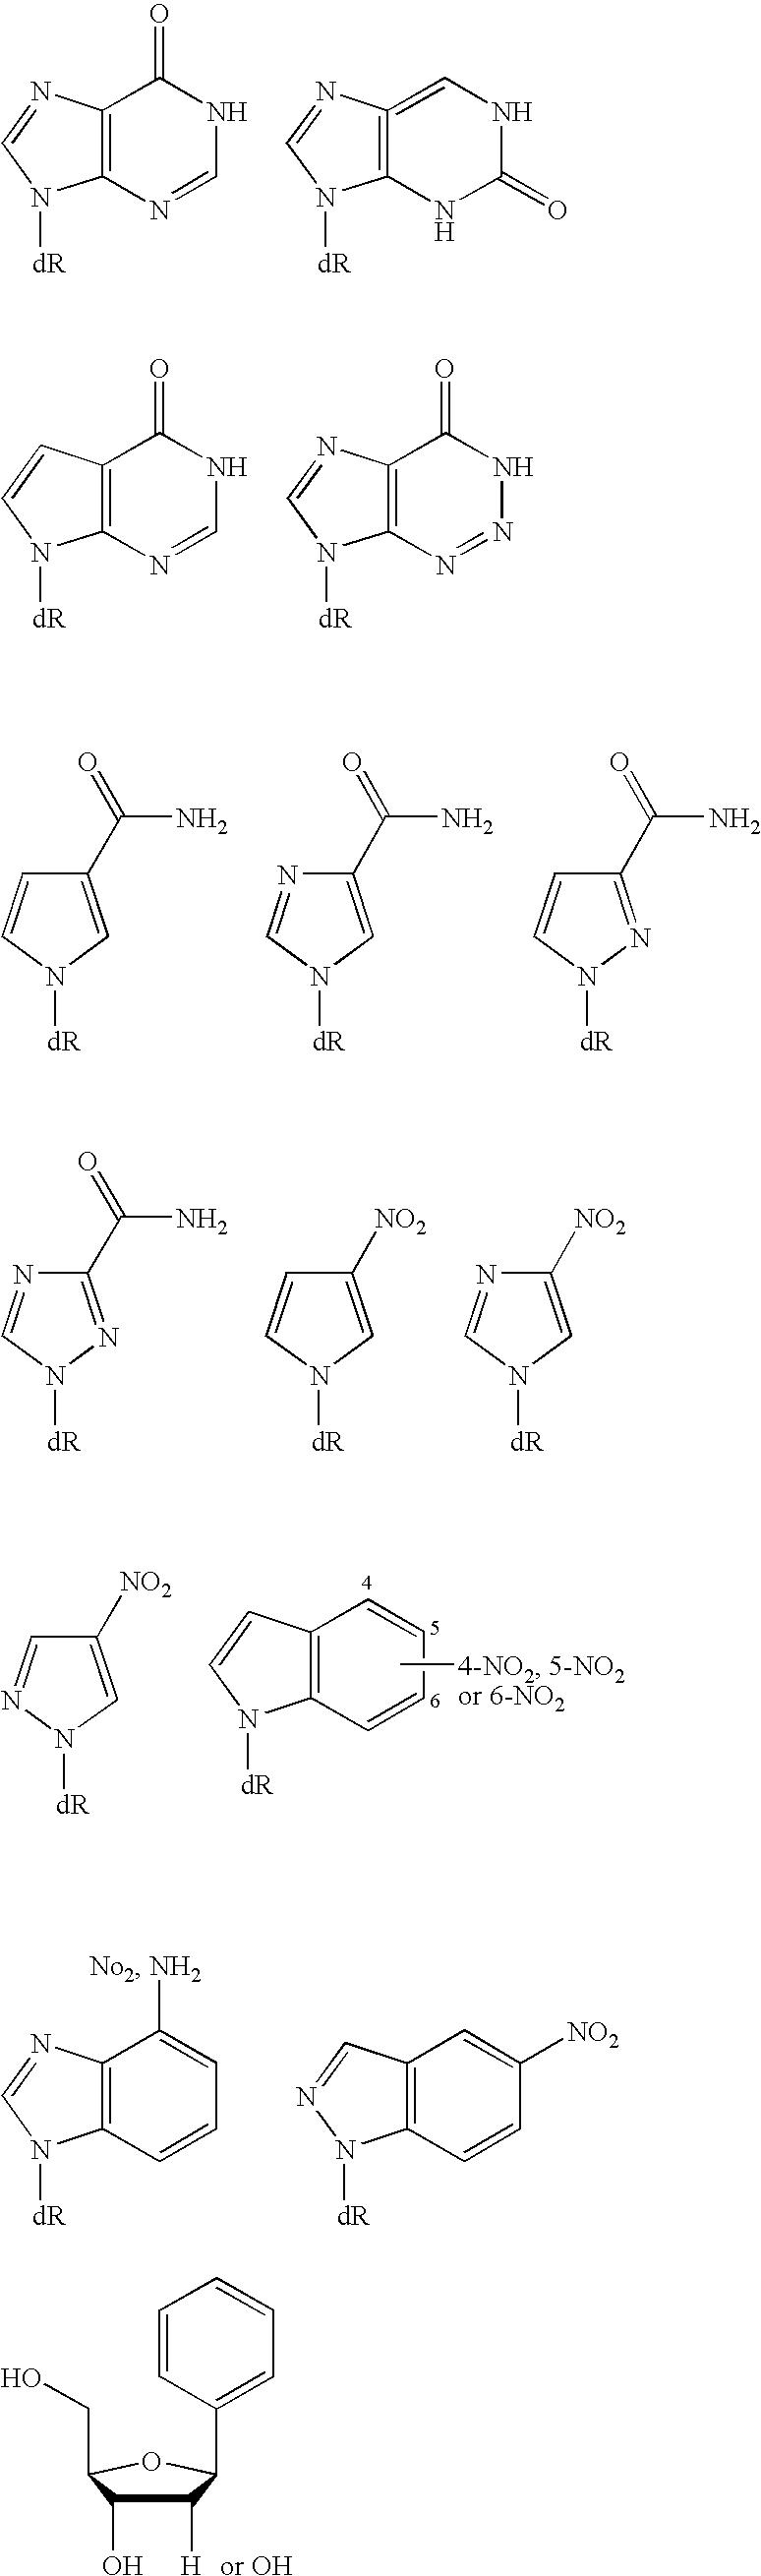 Figure US09150606-20151006-C00003